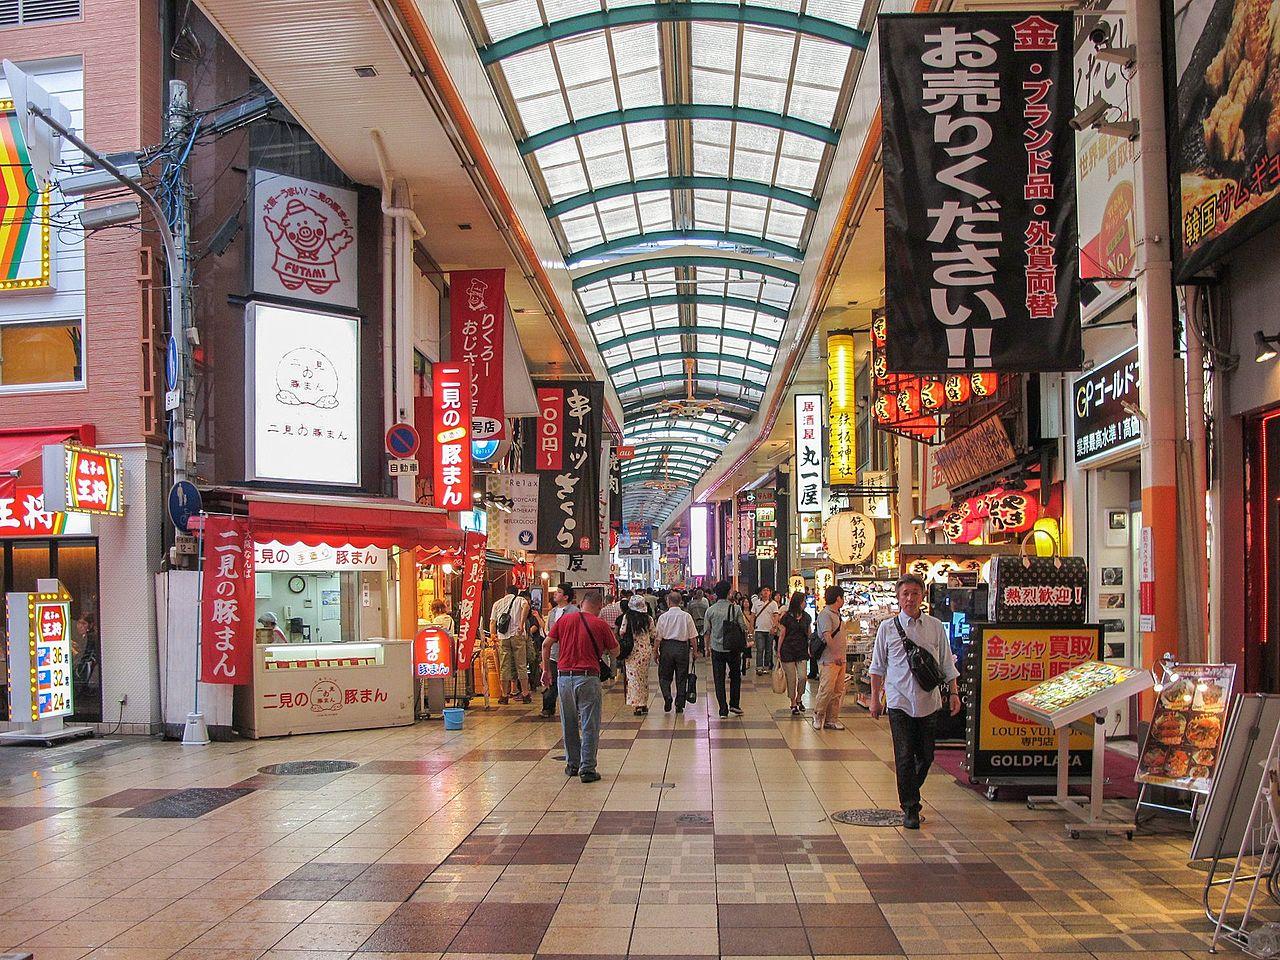 必買電器、公仔! 日本血拚景點「大阪、難波」熱門商圈懶人包